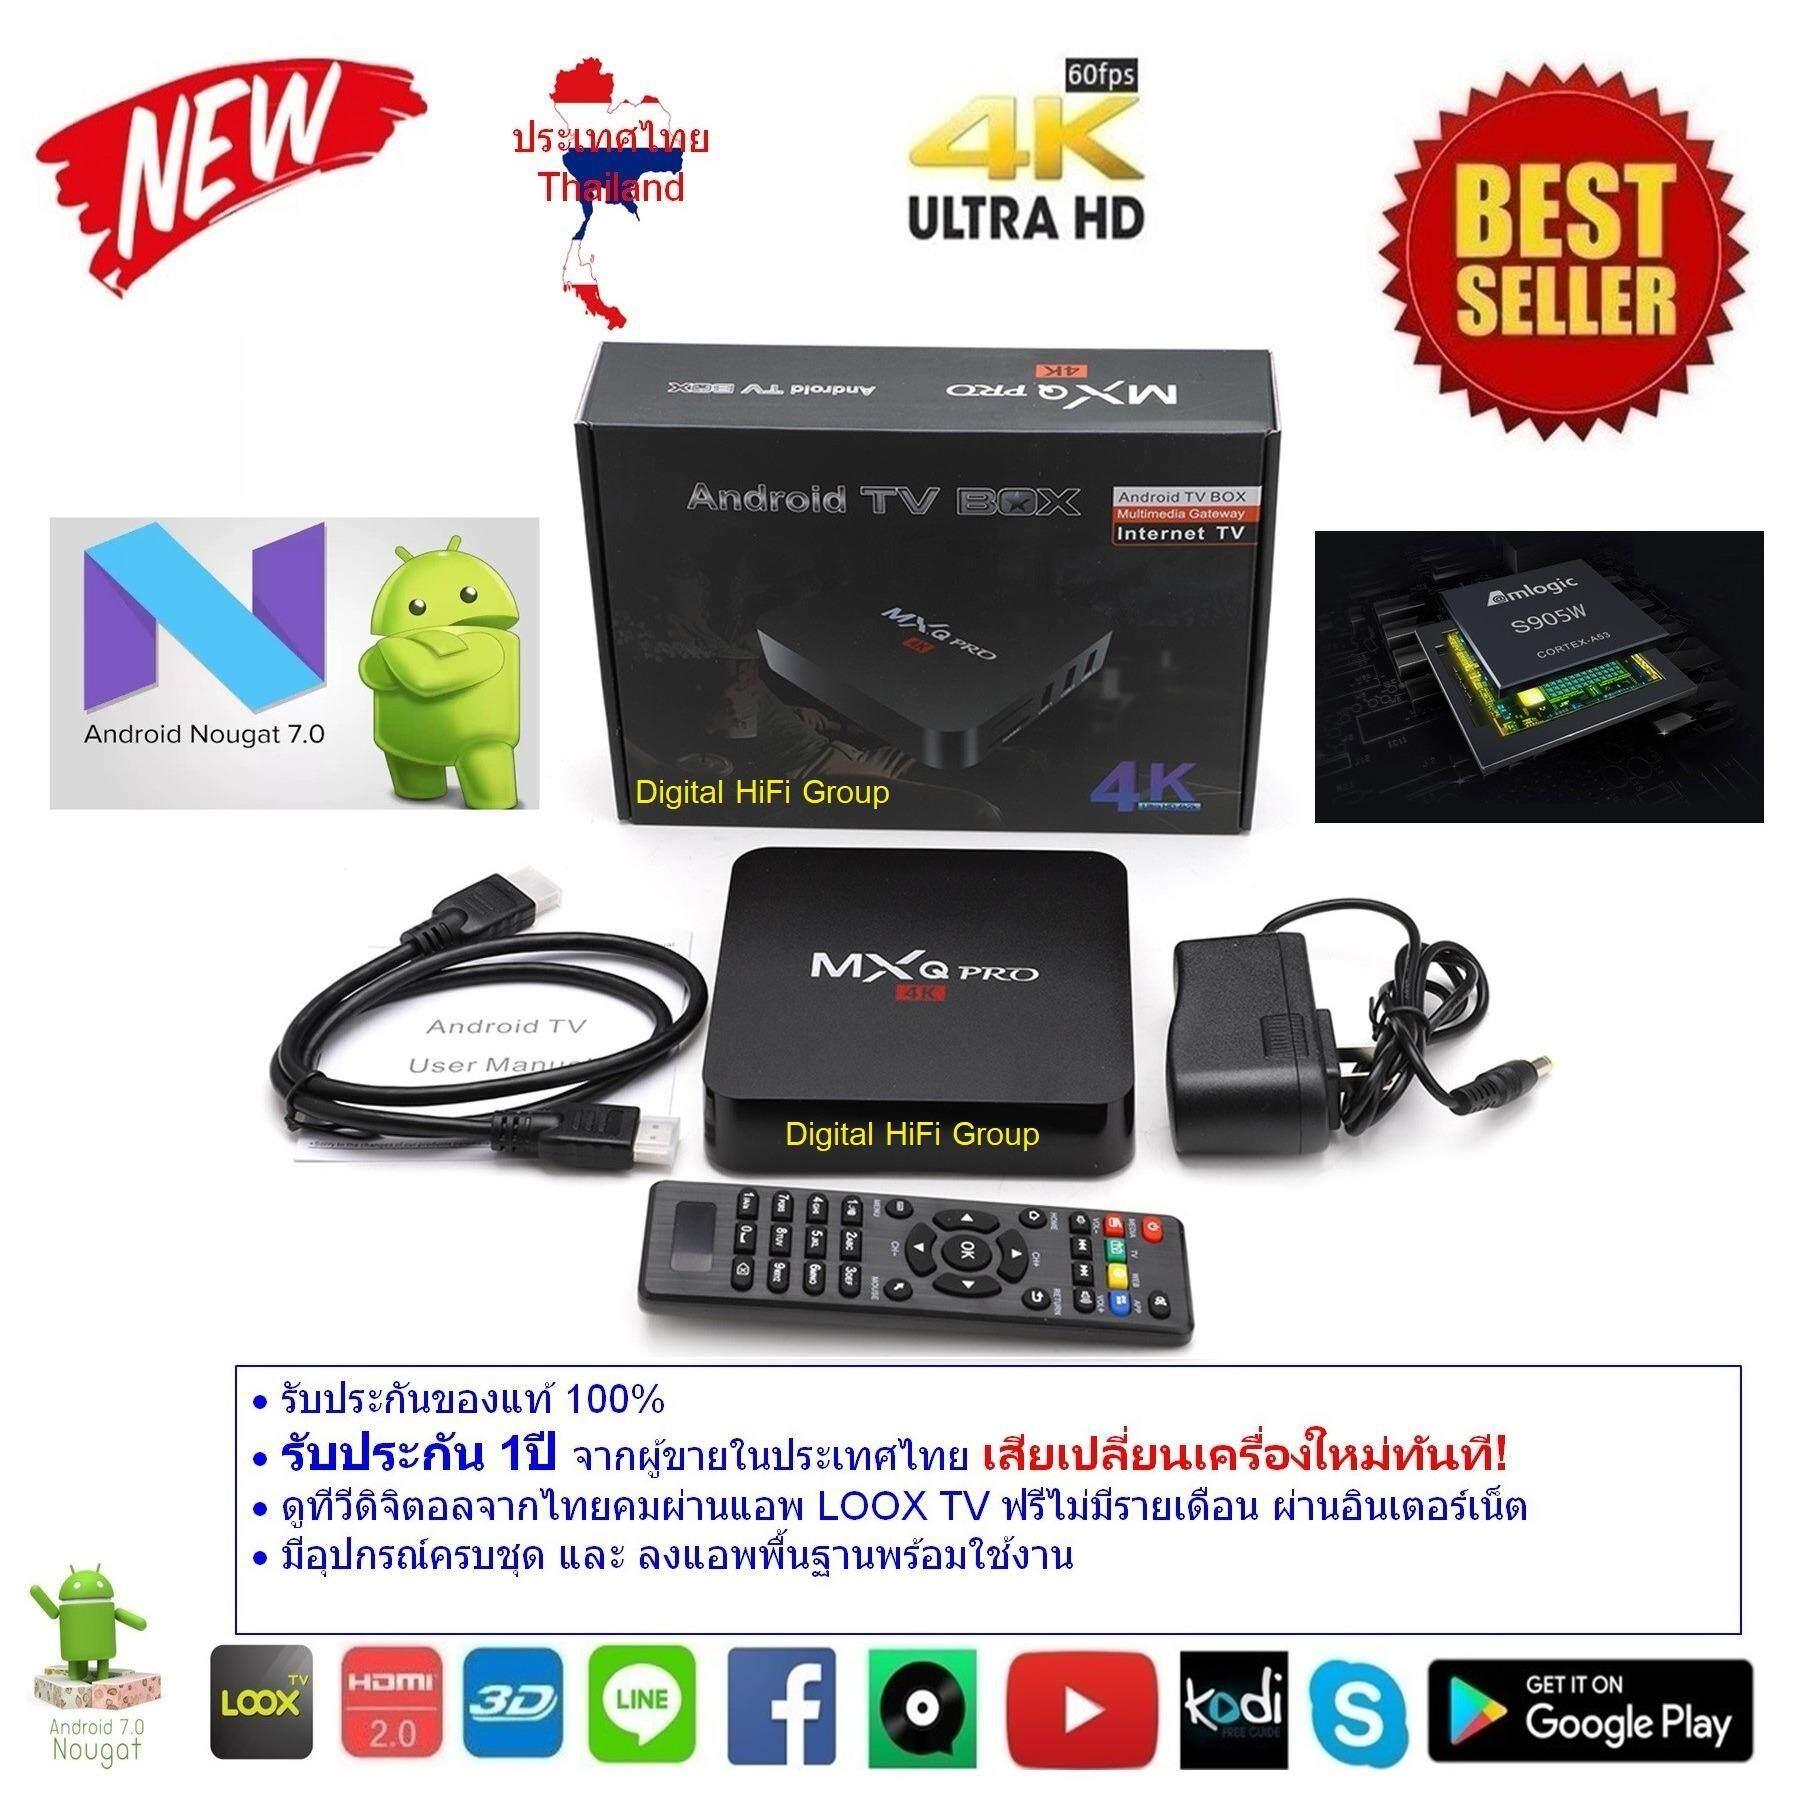 สอนใช้งาน  นครปฐม Android Smart Box MXQ Pro UHD 4K Ram 1GB DDR3 Android 7.1.2 Nougat รุ่นใหม่ล่าสุด